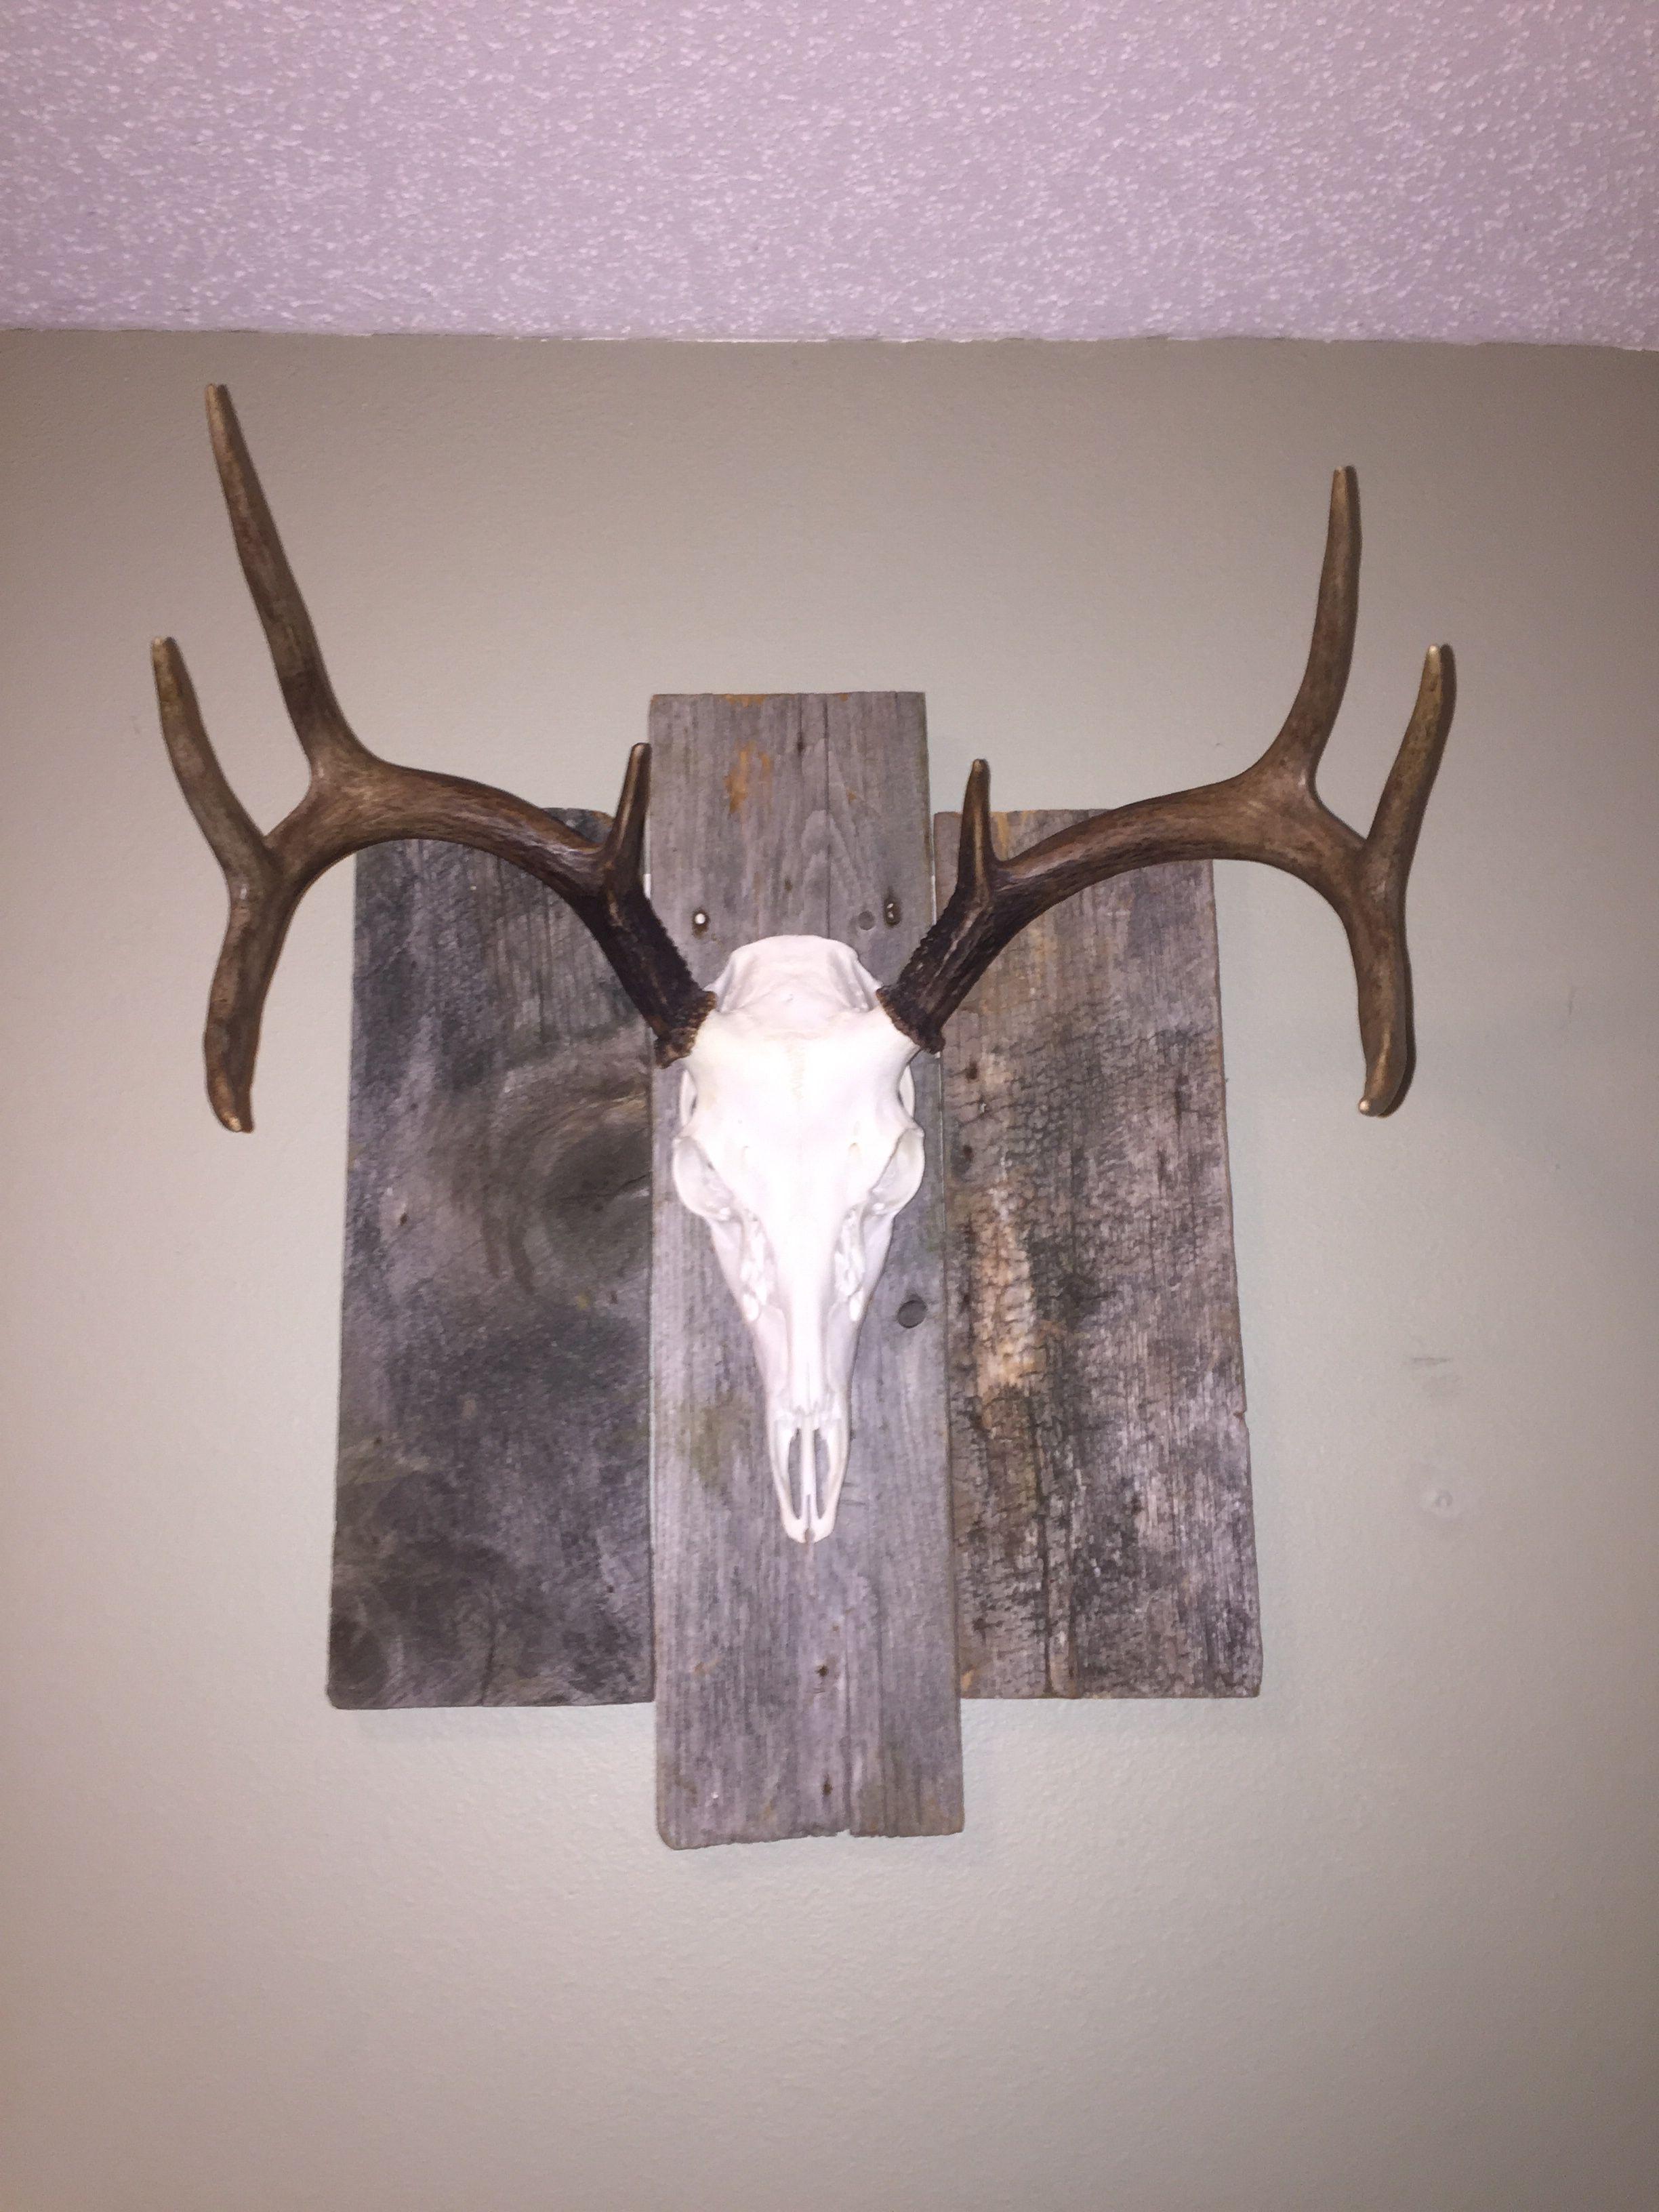 Rustic Wood Plaque For European Mount Deer Mount Decor Deer Decor Deer Antler Decor